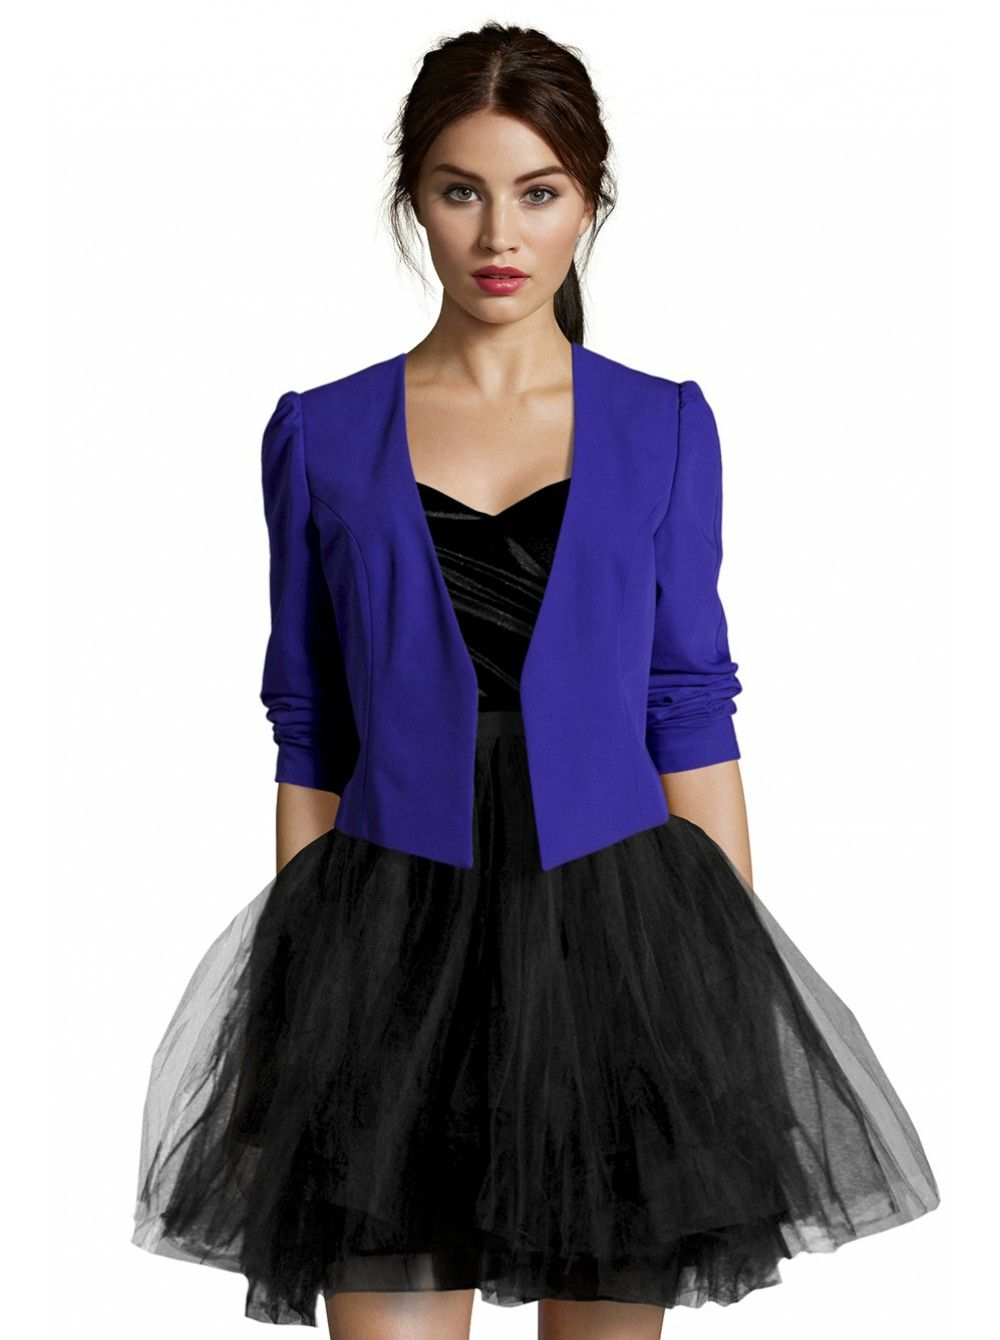 naf naf robe bustier velours et tutu noir evening femme liebe shopping pinterest. Black Bedroom Furniture Sets. Home Design Ideas